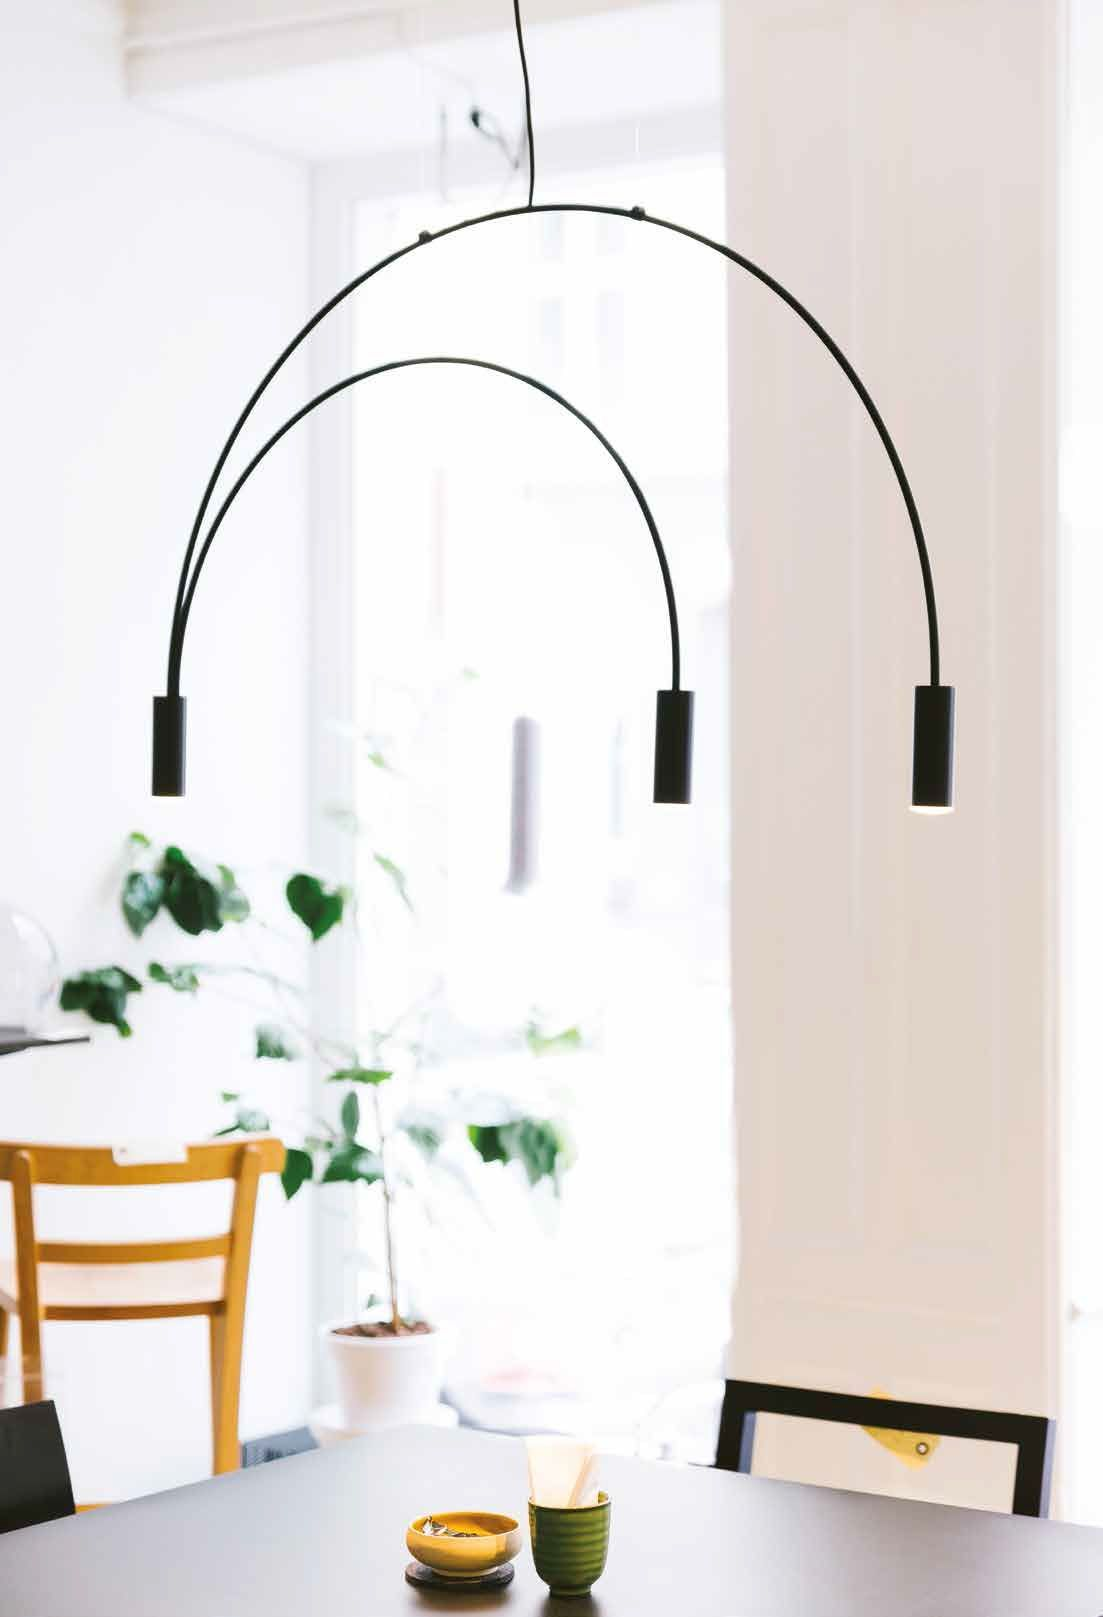 ESTILUZ Leuchten Artikel von ESTILUZ Leuchten Baldachin für 1 x LED Hängeleuchte Volta T 3536 113535710